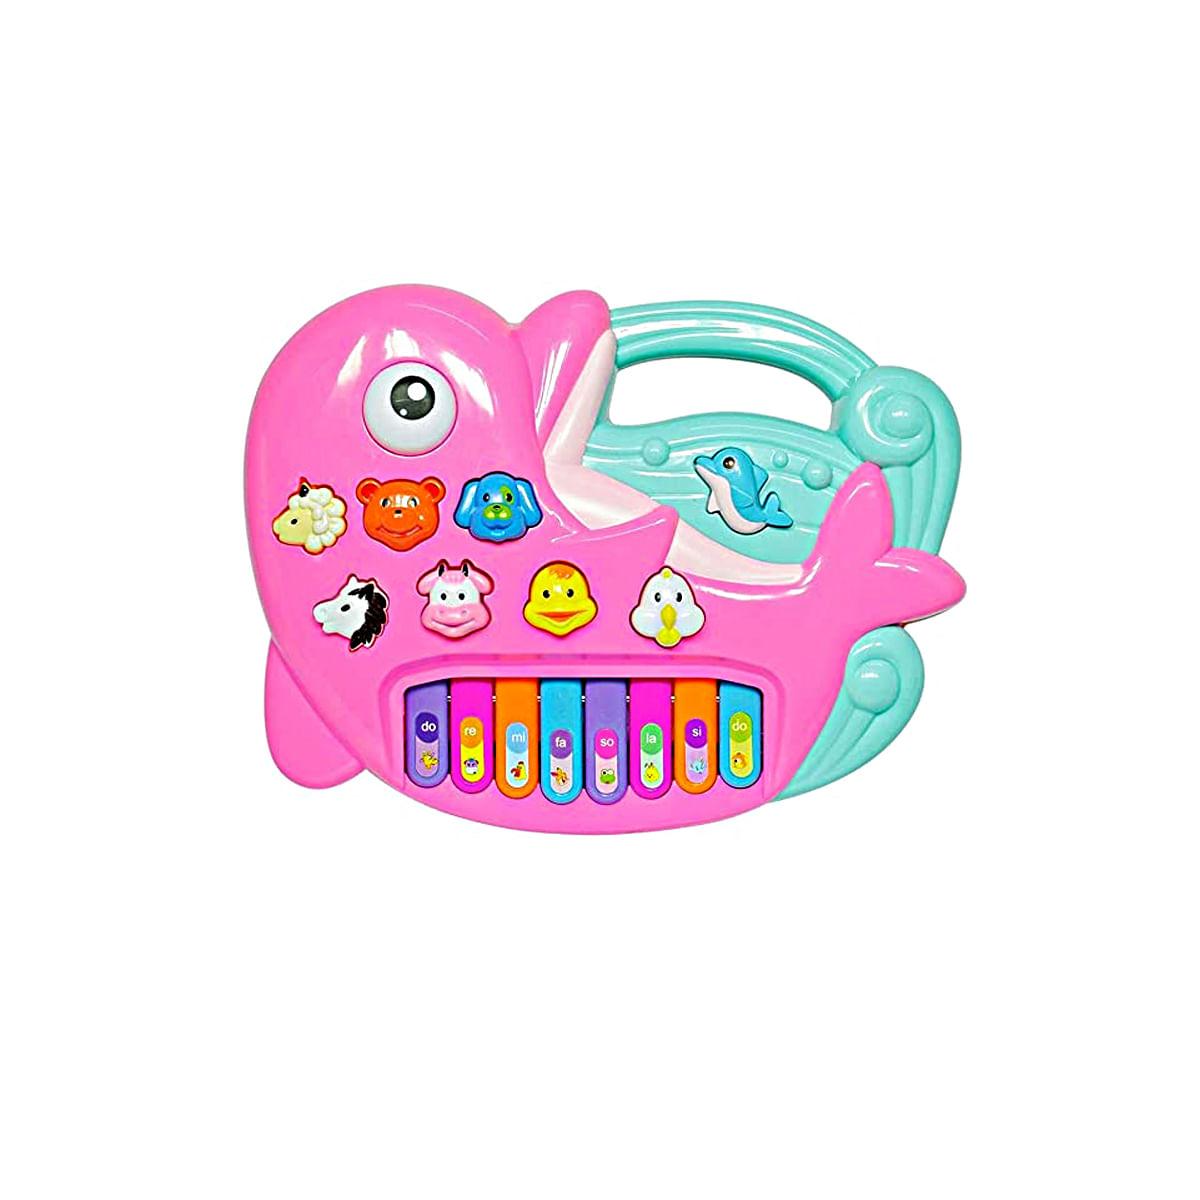 Teclado infantil didatico educativo para bebe 1 ano Golfinho rosa luzes e som BBR